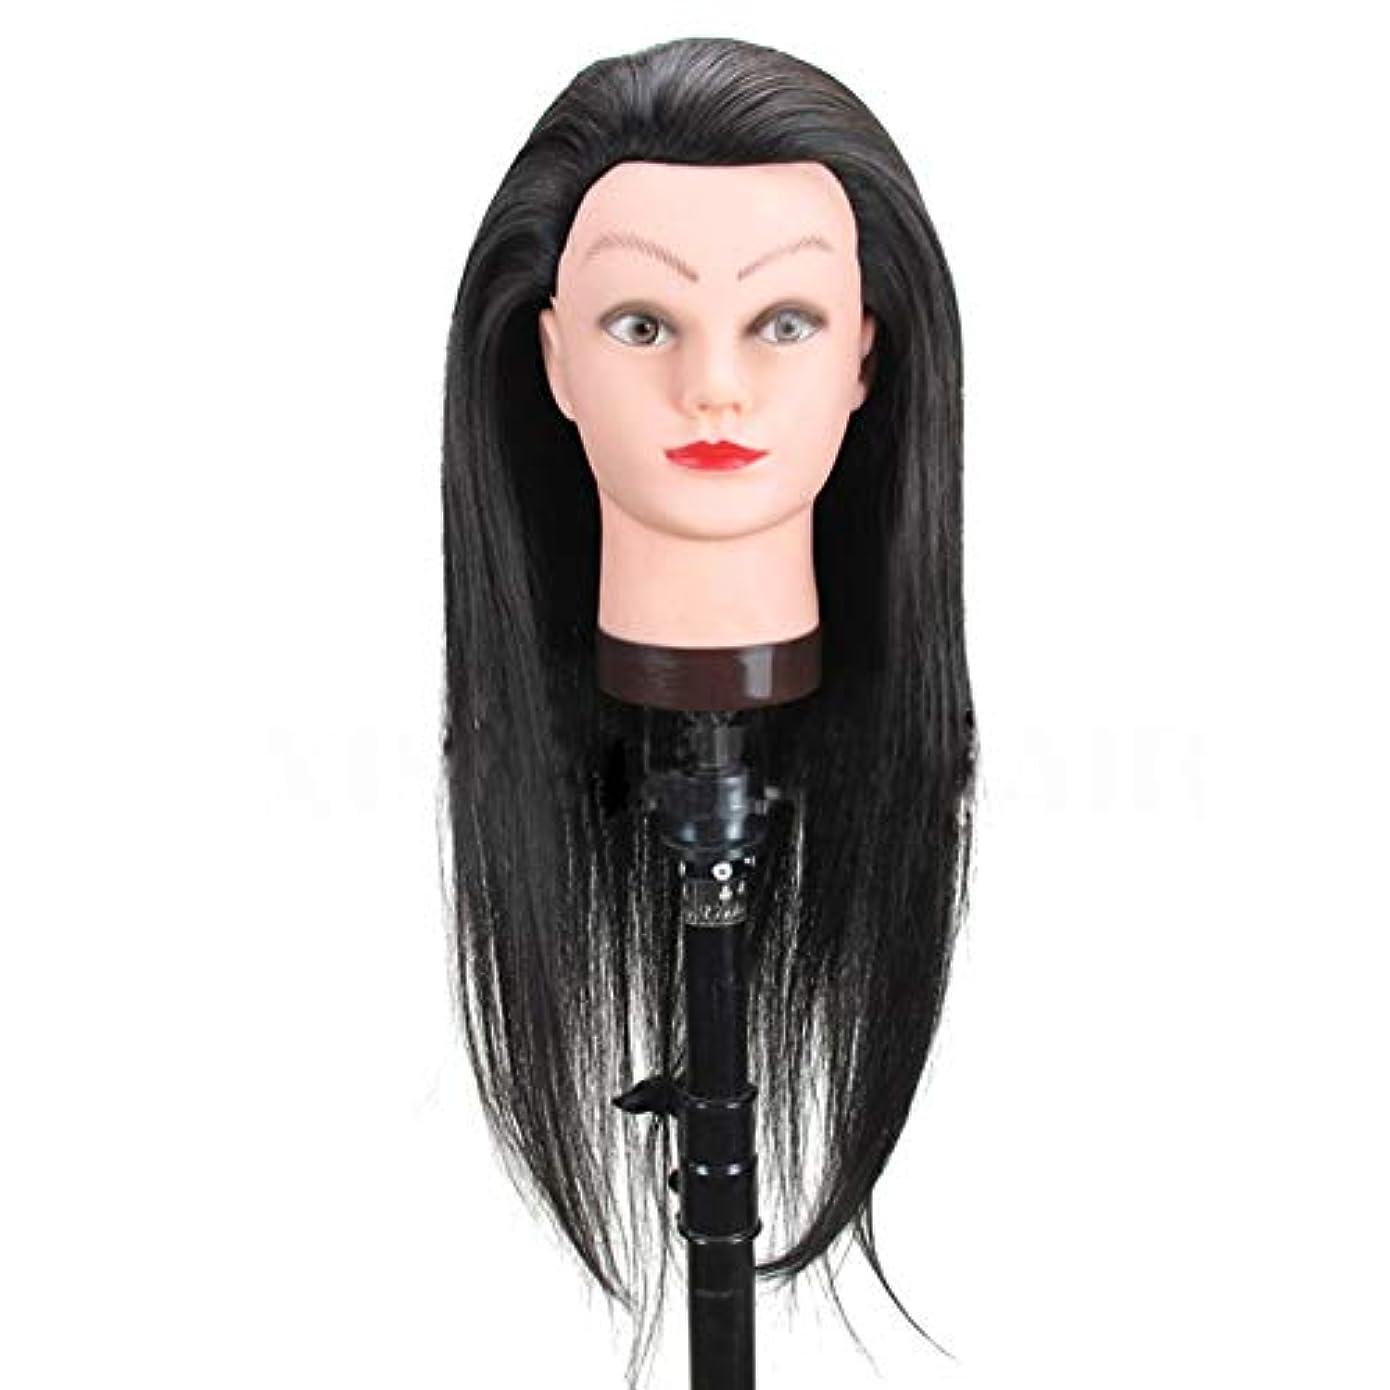 懲戒関連する頭Hairdressing Practice Head Model Braided Hair Training Head Head Barbershop Haircut Learning Dummy Mannequin Head.